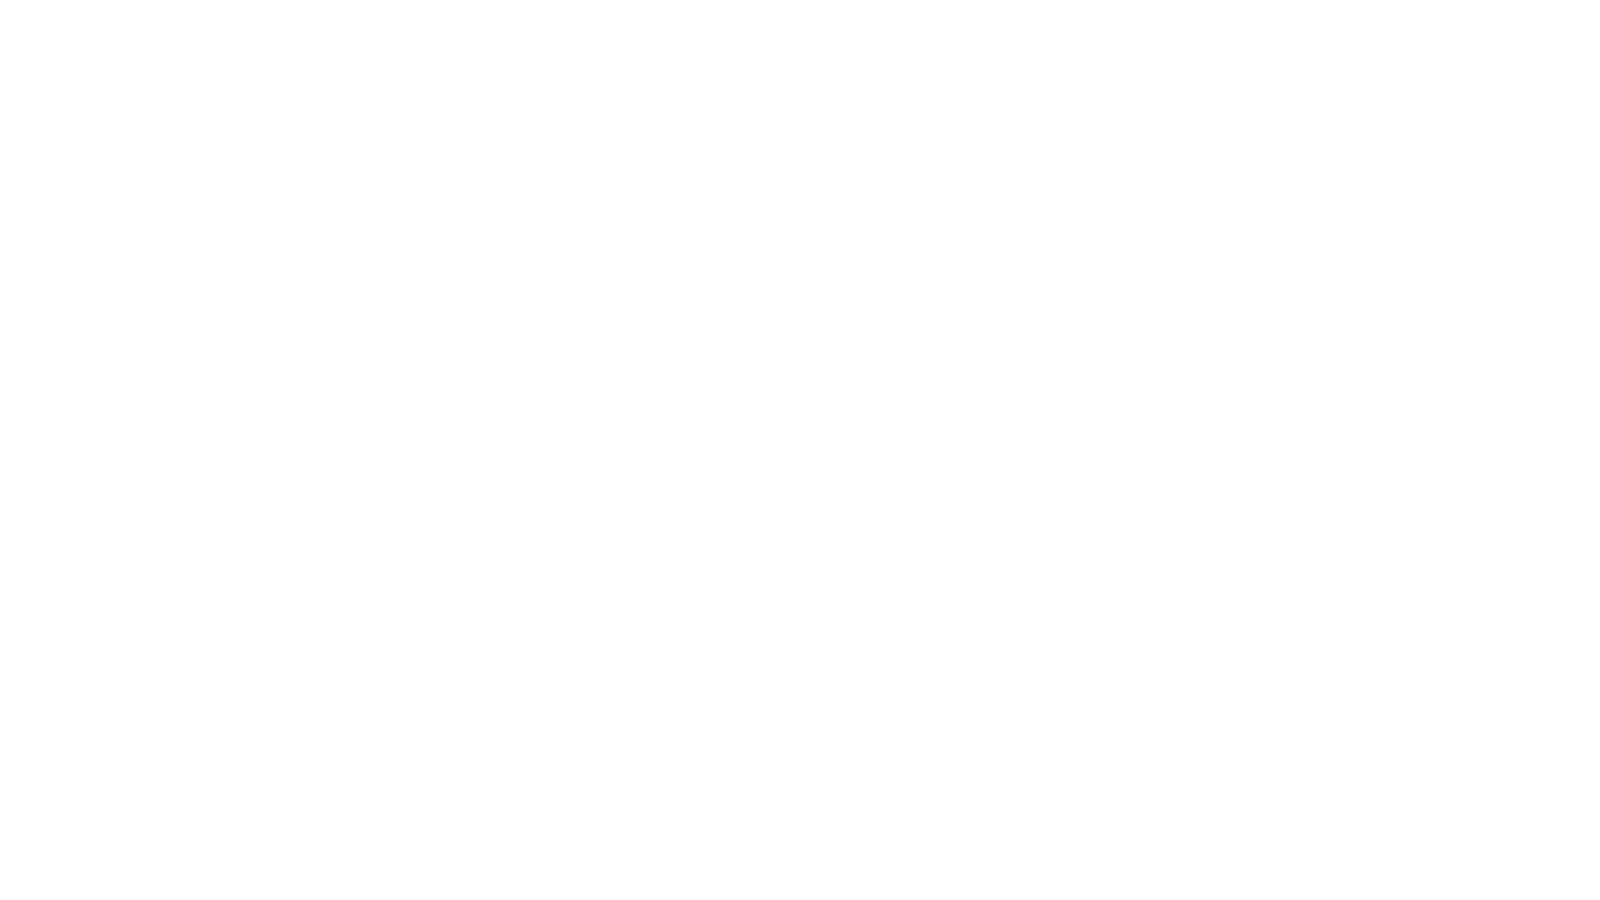 #kalbi #koreanfood #comidacoreana  http://www.dgclass.com Hola a todos, esta receta se las debía desde el inicio del mes de marzo, pero mas vale tarde que nunca hehe. Para preparar kalbi o costillitas estilo coreano es muy fácil, quizás el ingrediente mas difícil de conseguir sea el aceite de ajonjolí y carne con un corte similar. Aunque si encuentran algún tipo de carne suave y sin hueso también puede que funcione. El corte en inglés se le llama short rib y es una carne muy suave, que una vez marinada se hace mas suave todavía. Hay un tipo de costillas que viene el hueso mucho mas grande, pero esas se usan para caldos o estofados. Este corte se le llama L.A Kalbi por que se hizo famoso en Los Angeles California en Koreatown. Me ha tocado ver a veces solo sirven la carne marinada ya sin hueso, y así es mucho mas fácil de asar y de comer.  Estas costillas se pueden poner también en un asador, pero hay que tener cuidado que no se queme el azúcar de la marinada, lo cual hará la carne saber amarga.  La carne puede pasar marinándose en el refrigerador hasta 4-5 días, o la pueden congelar. Si el sabor de soya se concentra mucho, pueden enjuagar la carne con agua un poco para quitar el sabor a soya pero con cuidado que no se vaya a lavar todo el sabor. El tiempo perfecto de marinar esta carne es durante la noche o todo un día 12-24 horas).  La receta la pueden encontrar al final del video.  Espero que les guste, y nos vemos a la próxima  http://www.facebook.com/dgclass